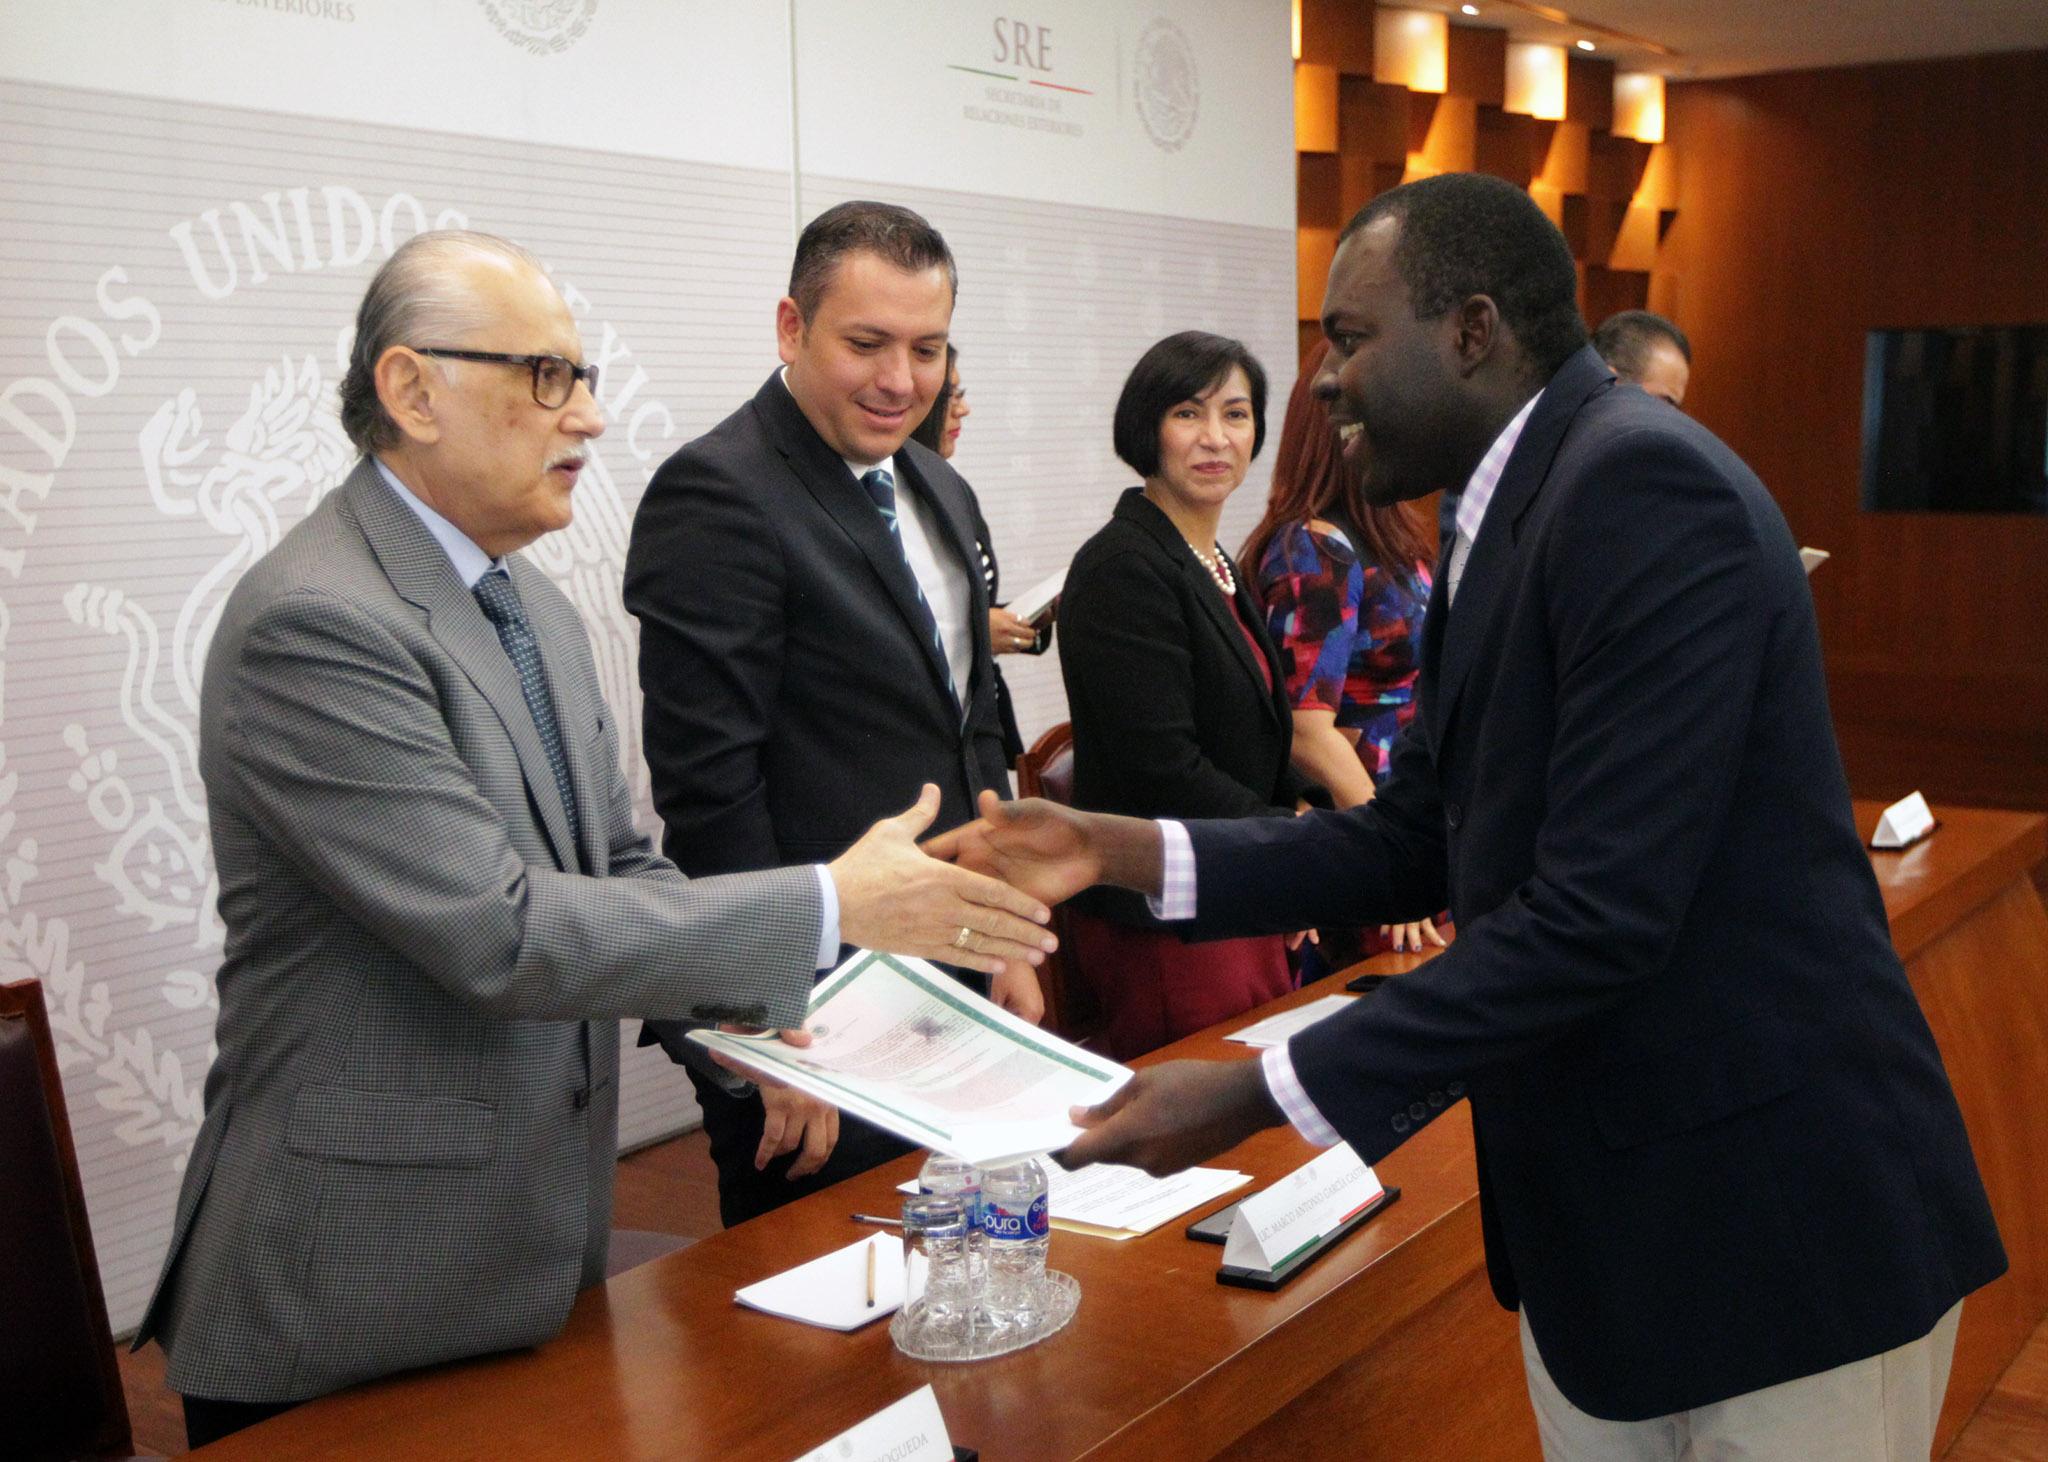 FOTO 1 Ceremonia de entrega de cartas de naturalizaci n en la SREjpg